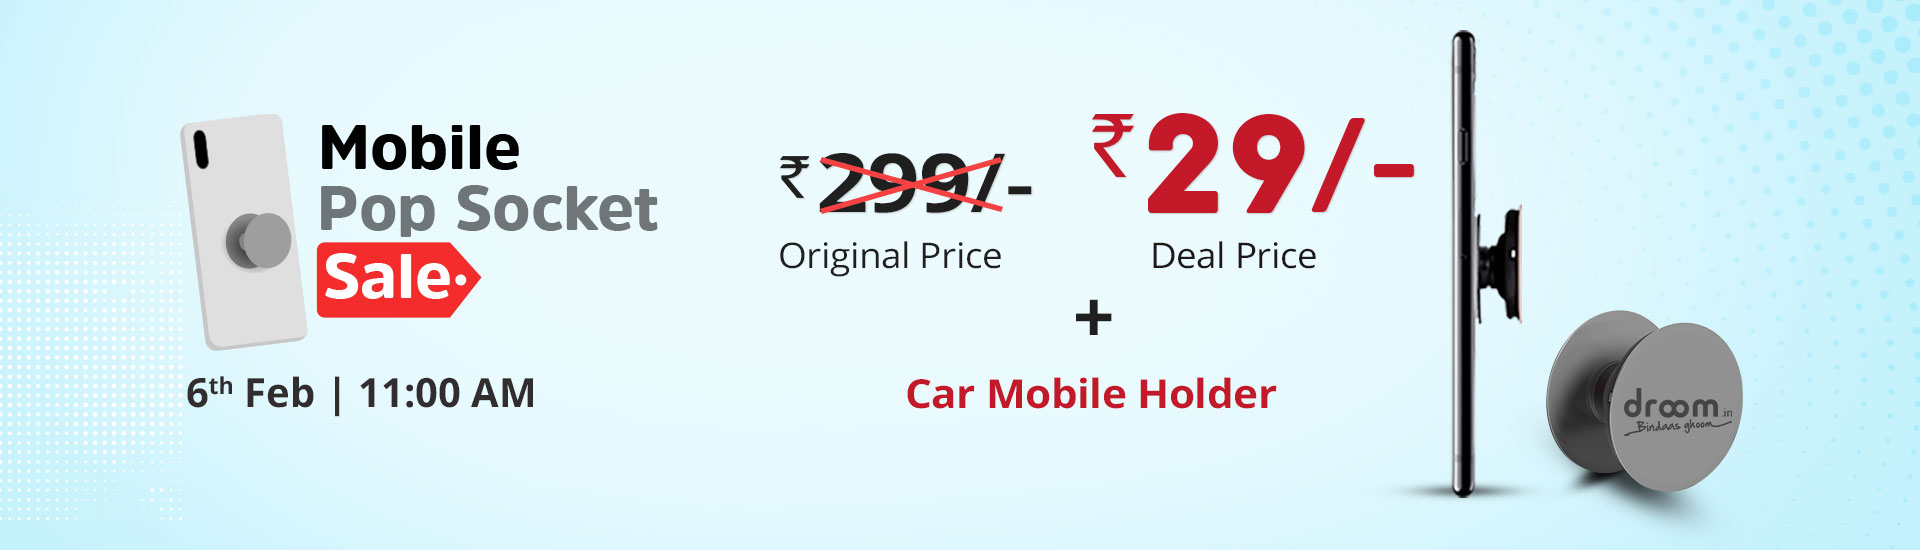 DroomMobile Pop Socket Sale- GetMobile Pop Socket Worth Rs.299 in Rs.29